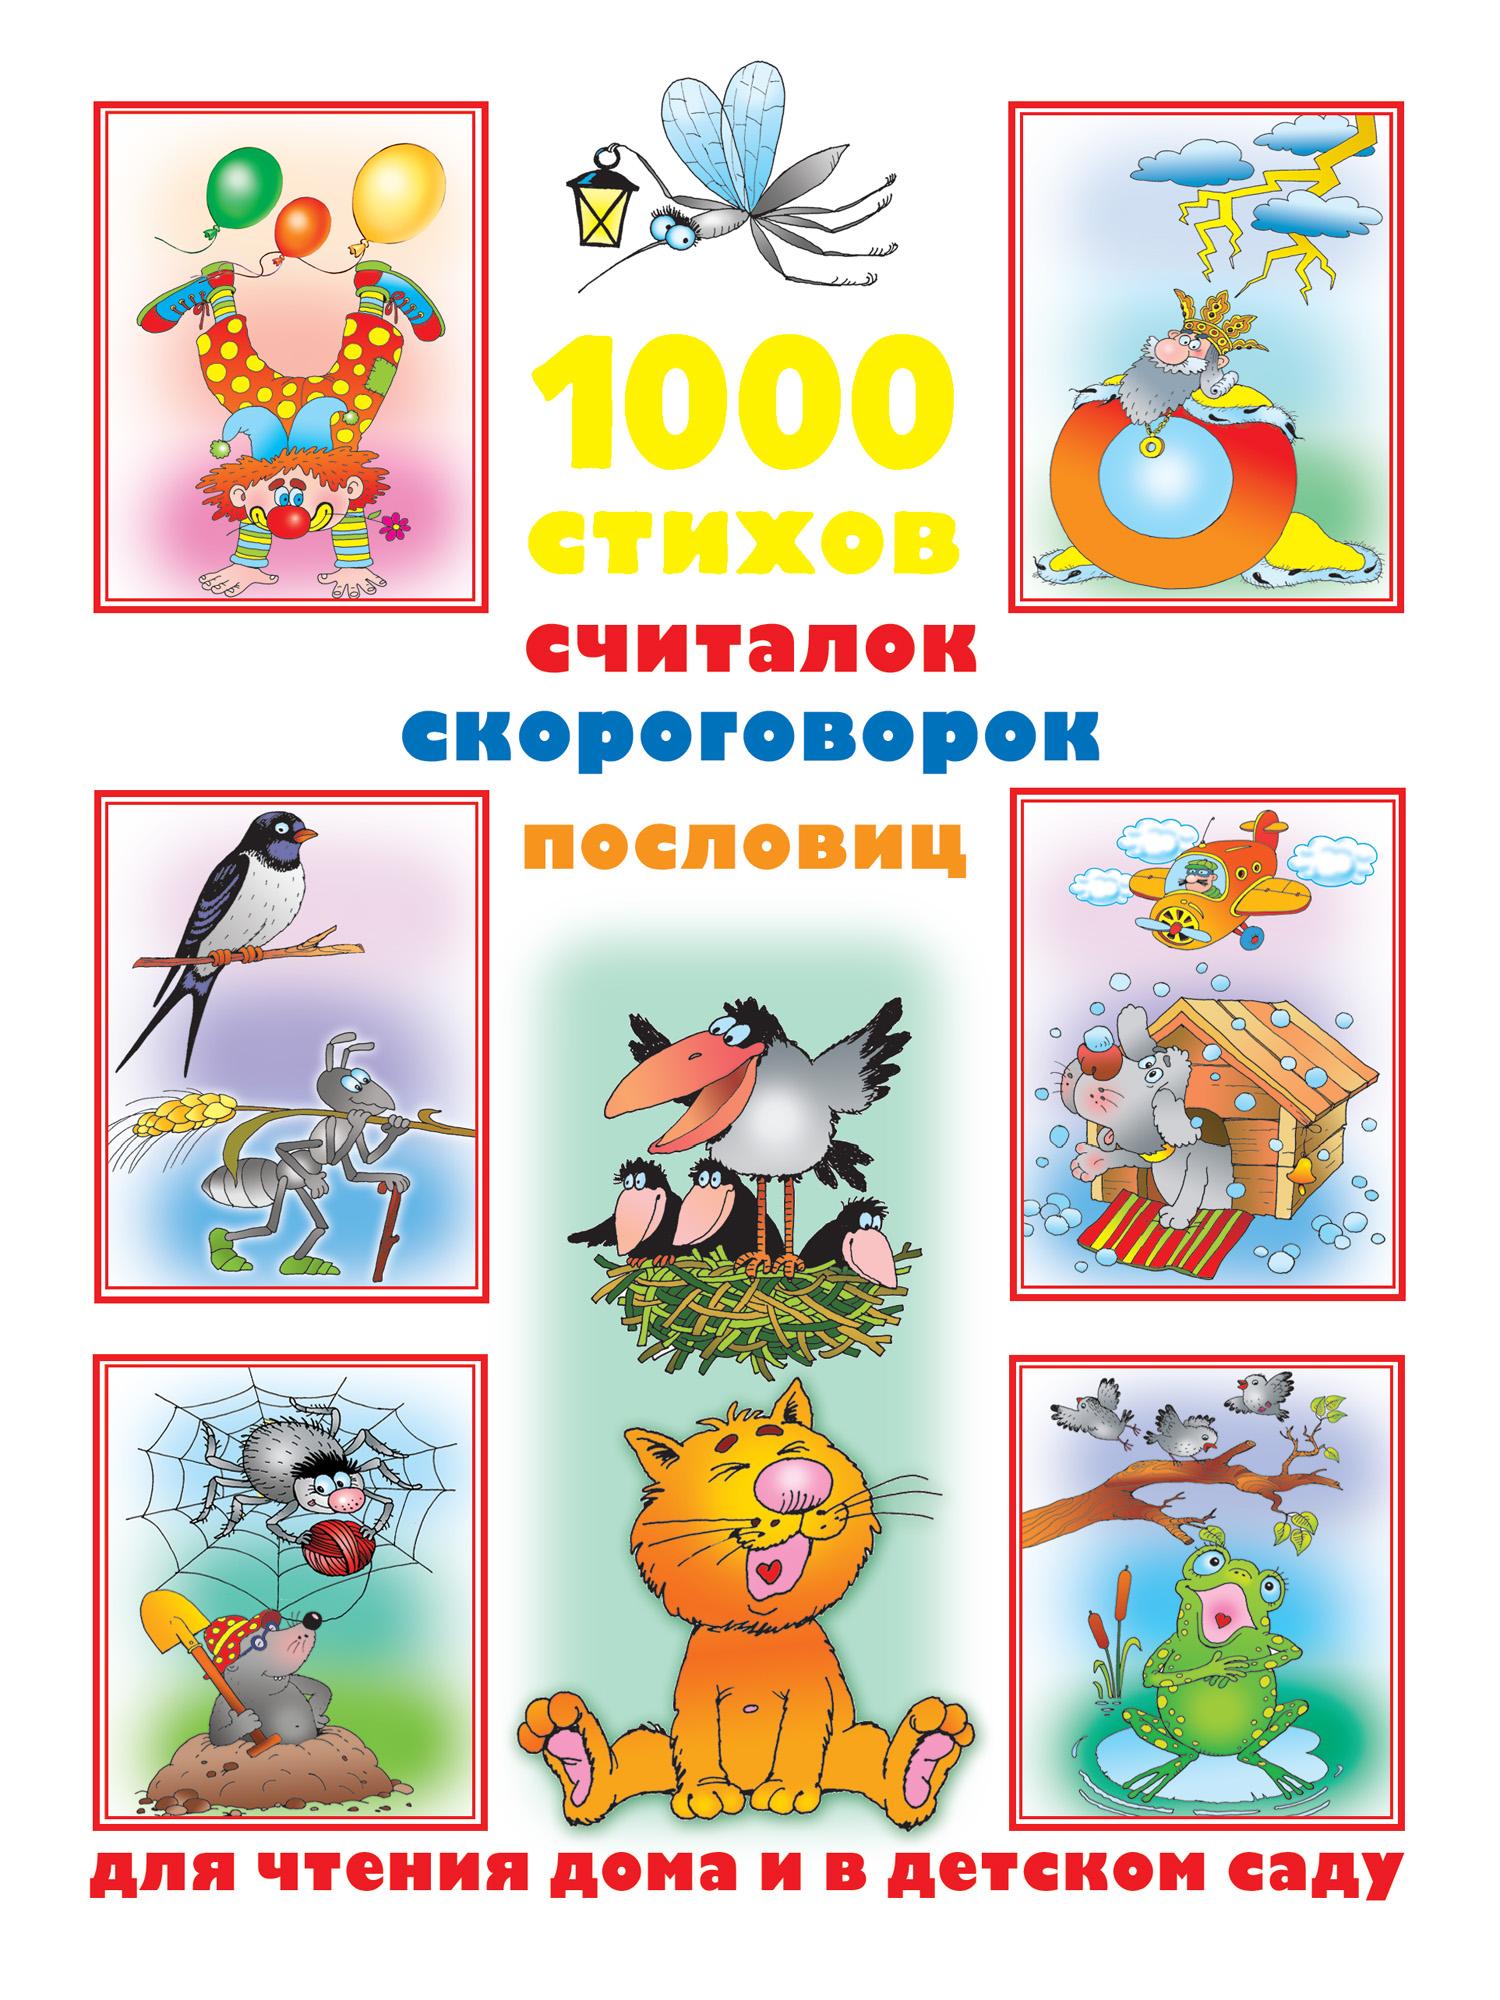 1000 стихов, считалок, скороговорок, пословиц для чтения дома и в детском саду